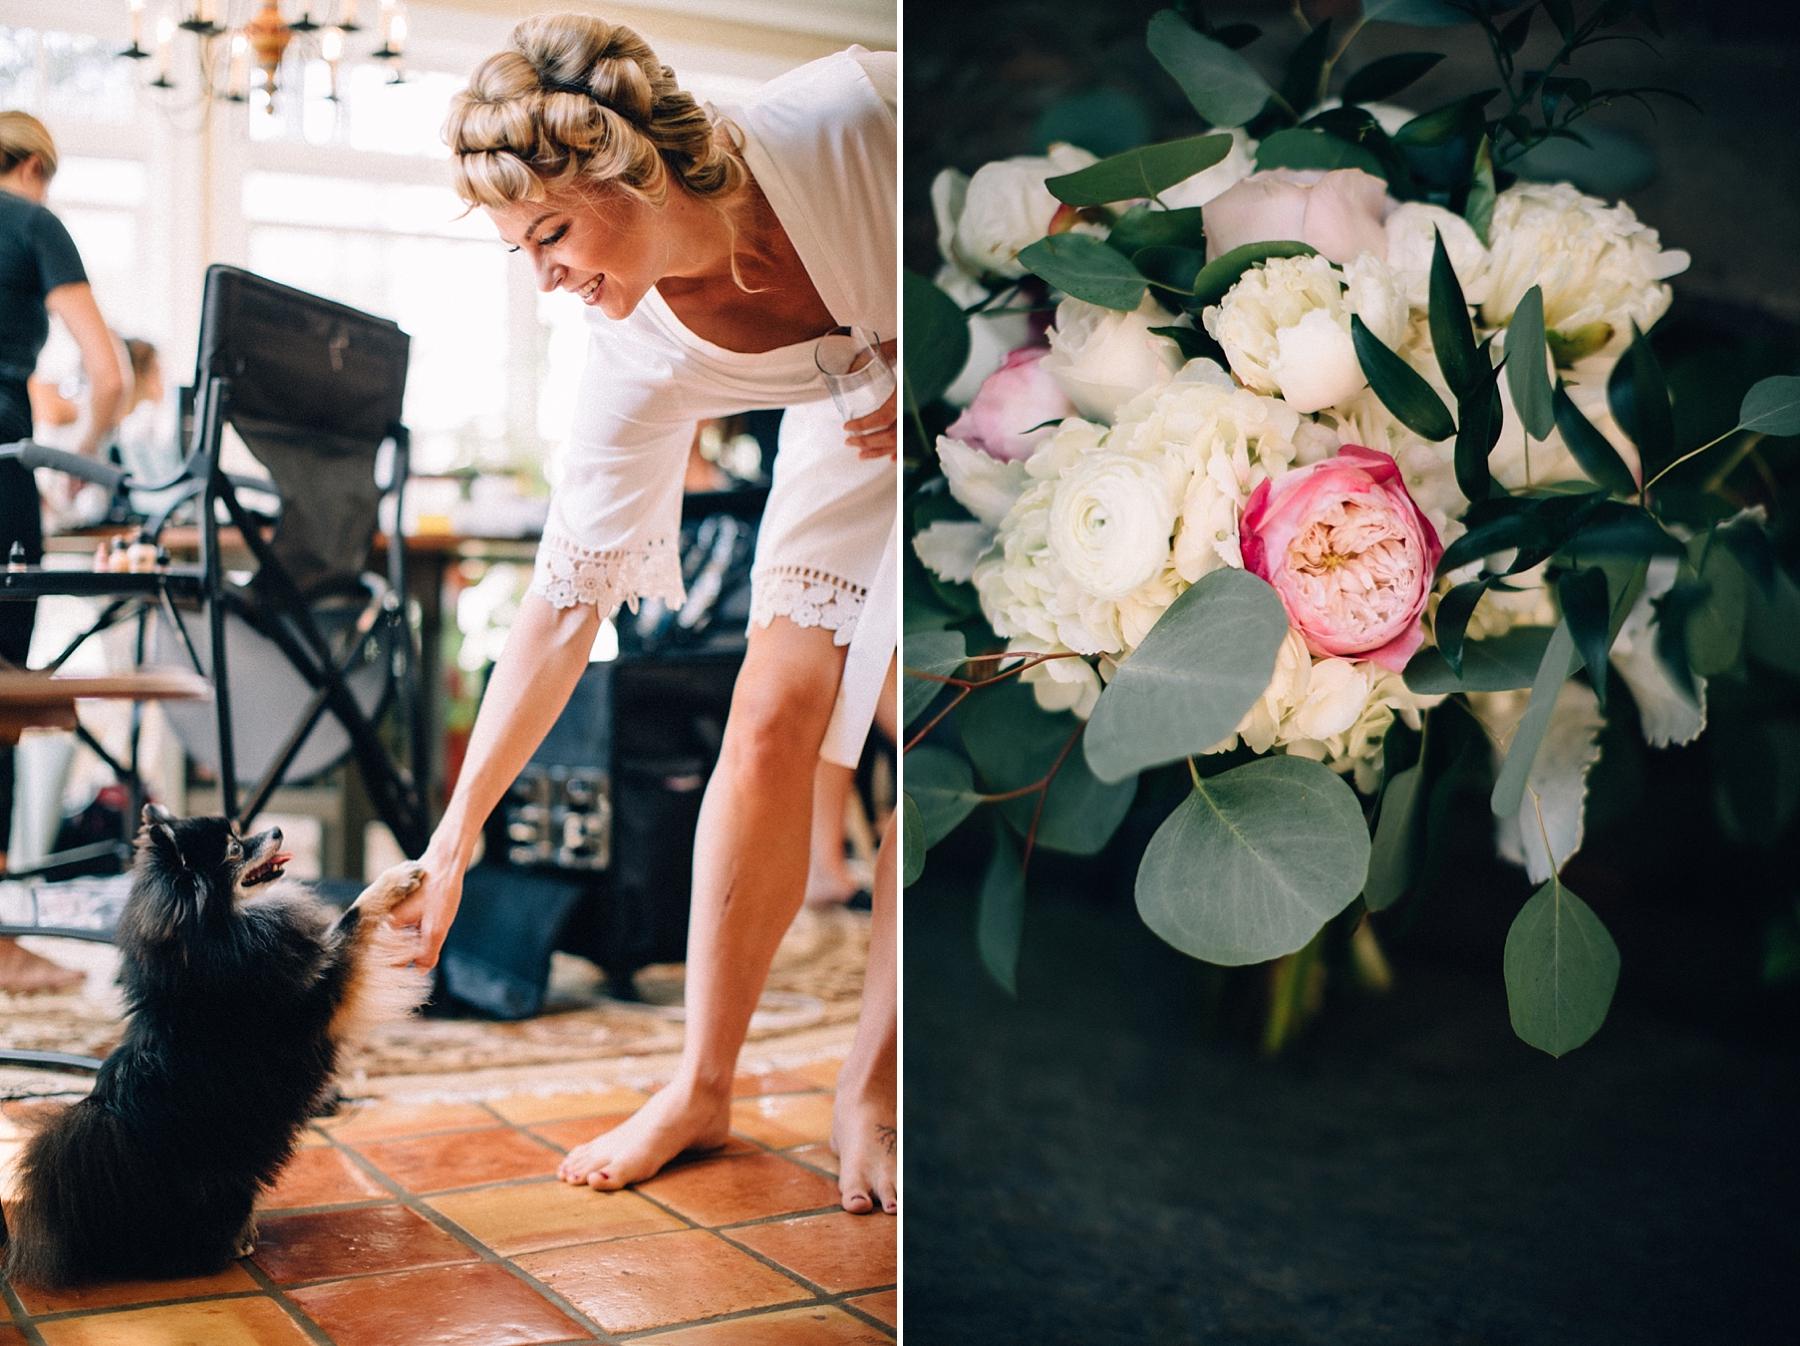 childhood-home-wedding-new-hope-pa-lambertville-nj_0006.jpg